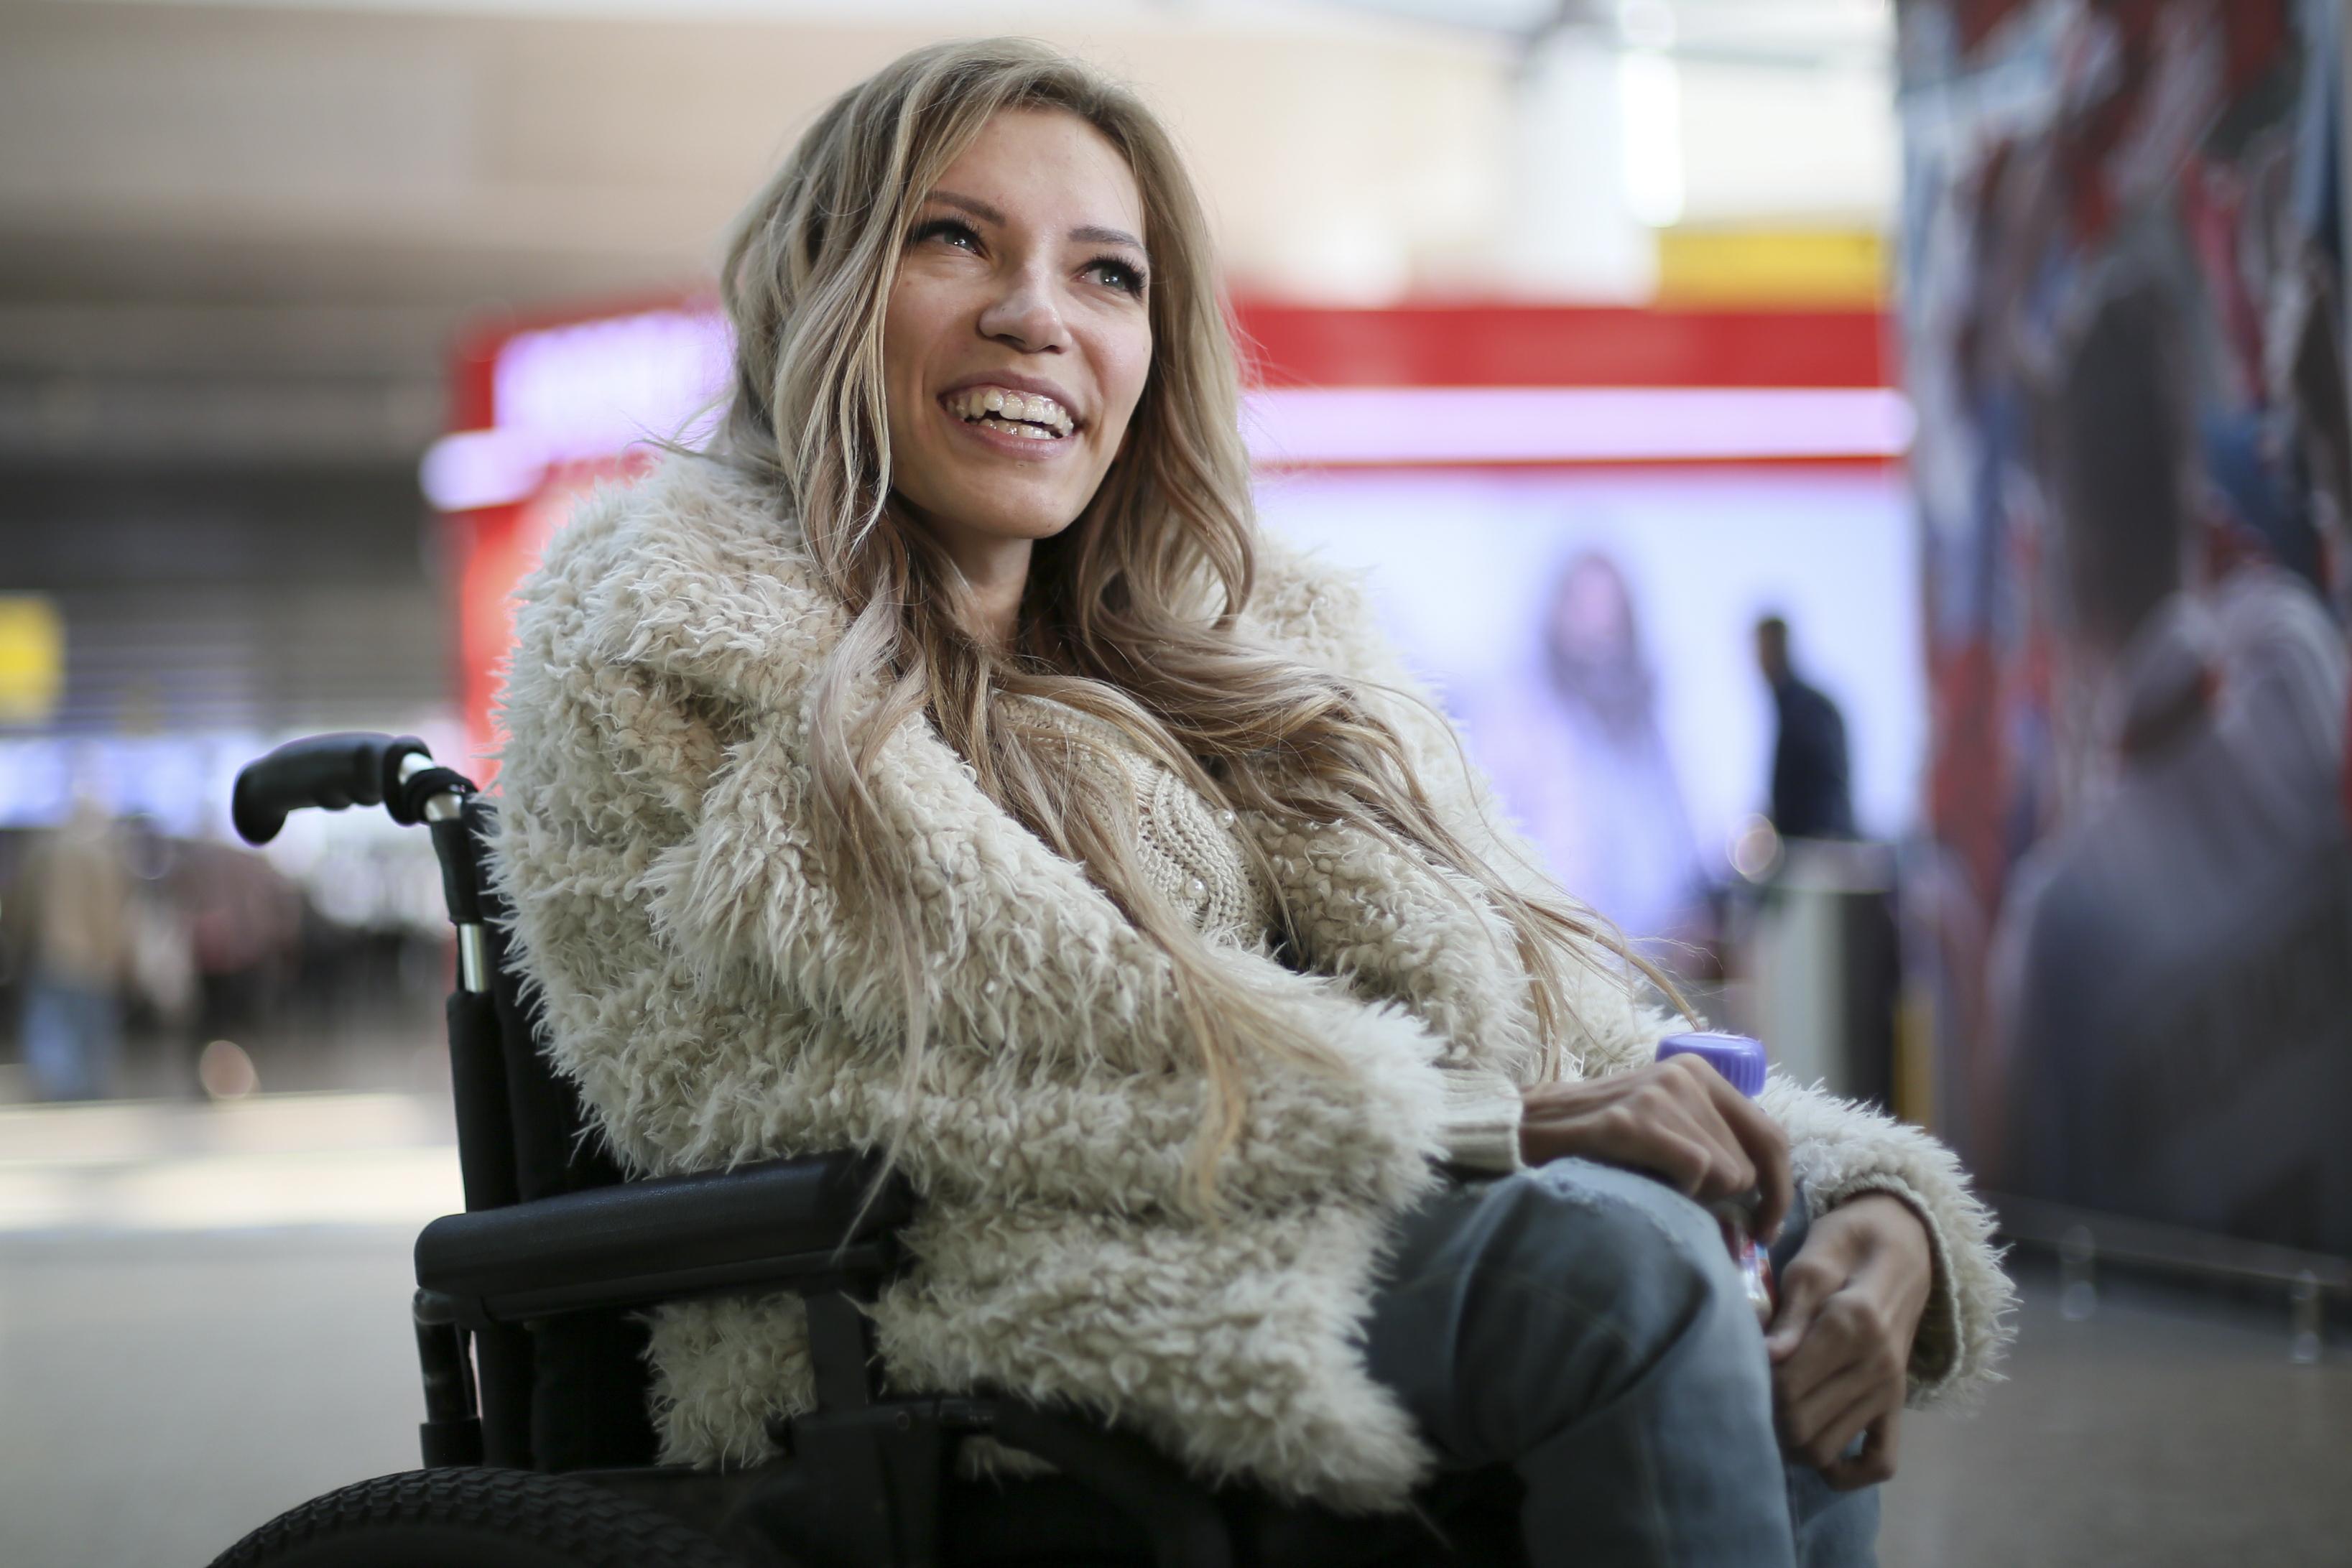 Russia's Eurovision song contest entrant Yulia Samoylova. (AP Photo/Maria Antipina)